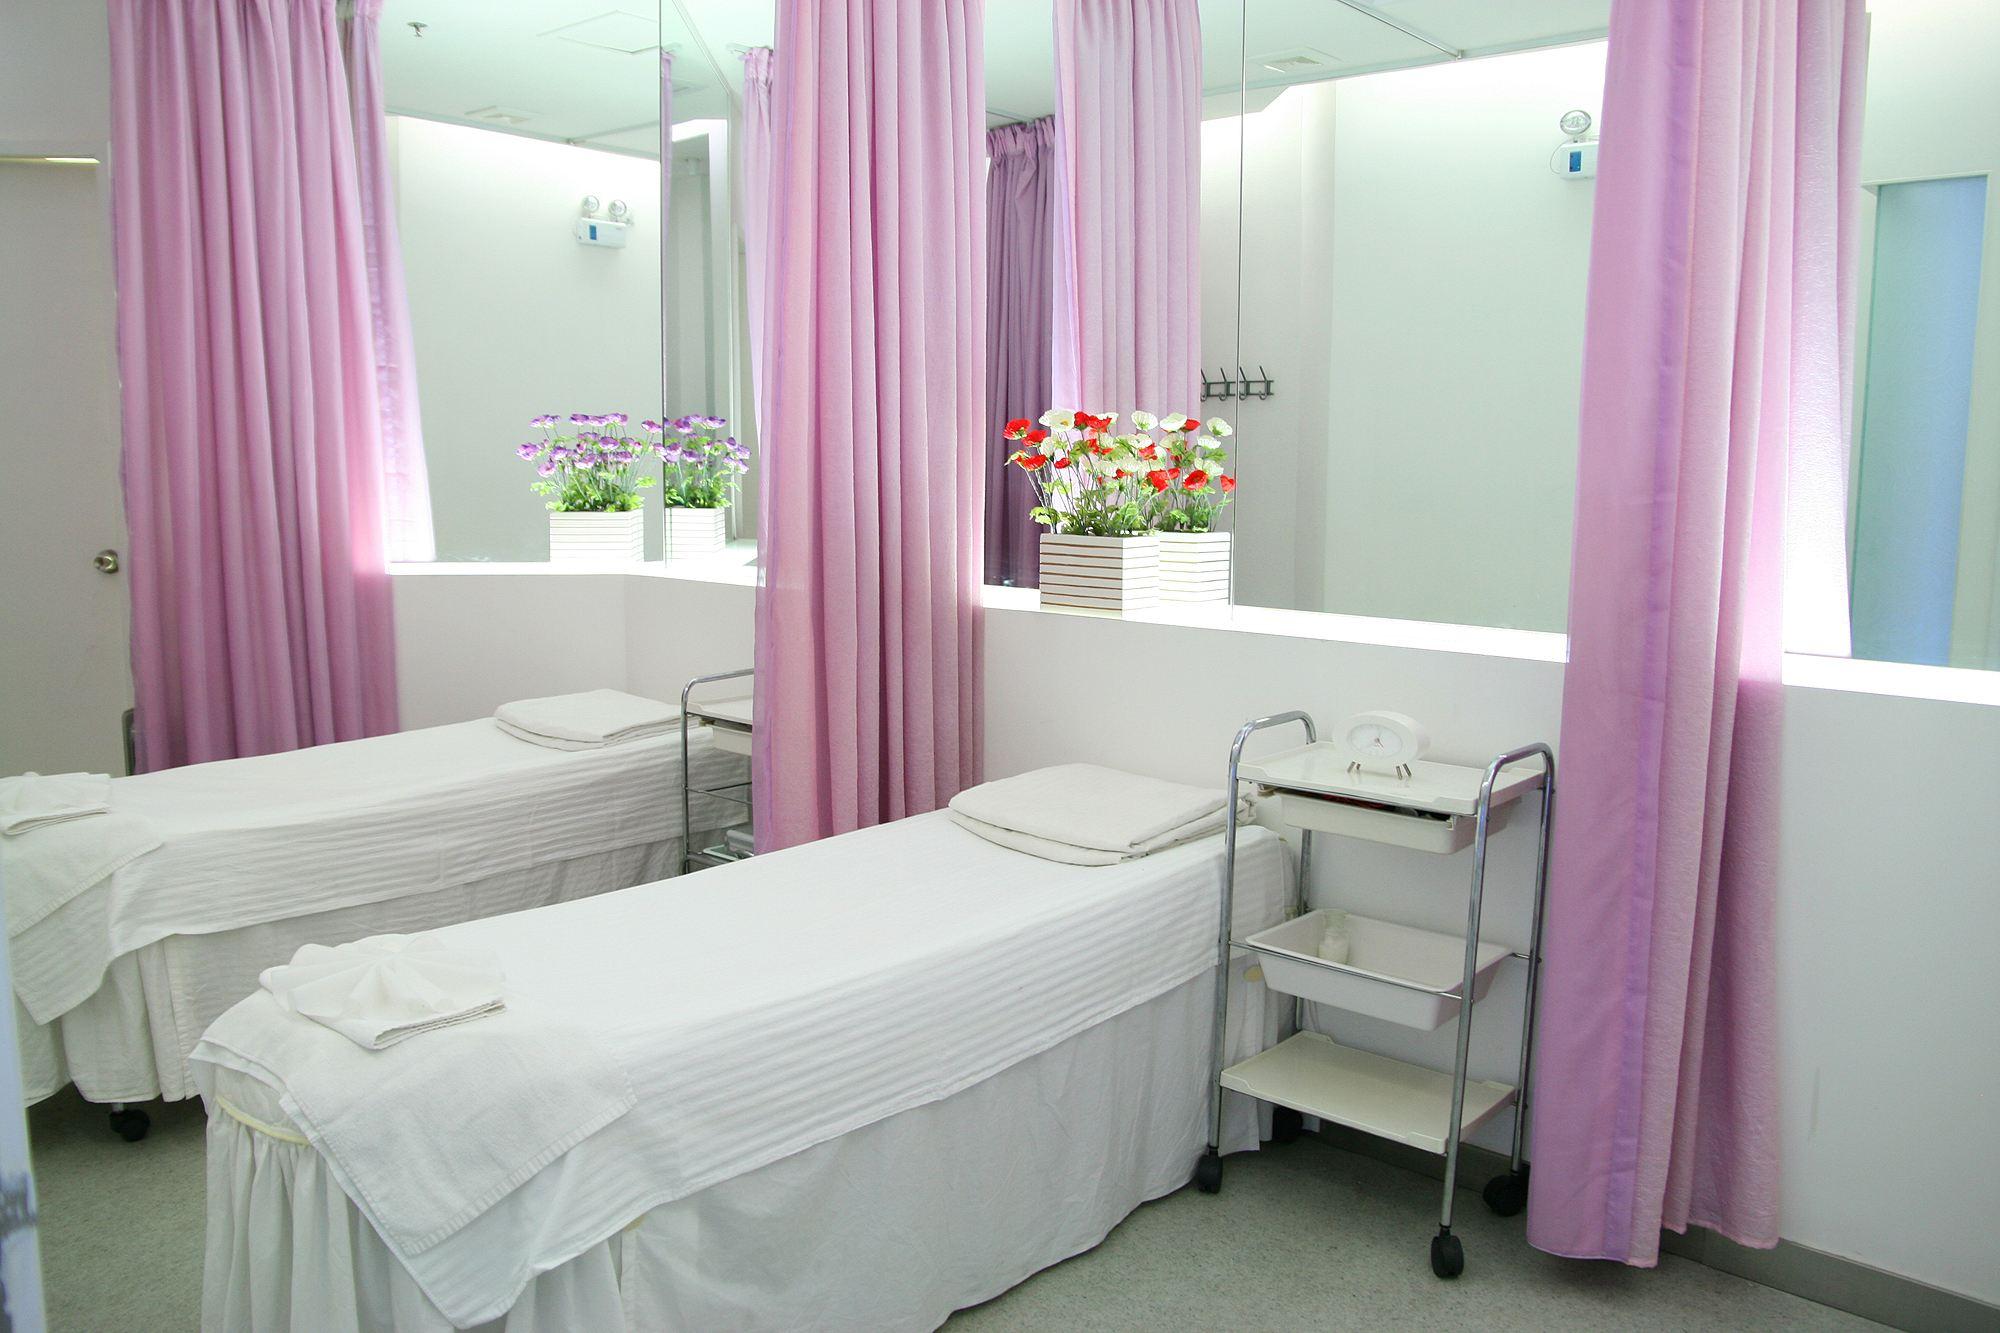 美容院常用的一些隔帘隔断效果图,实用又耐看图片